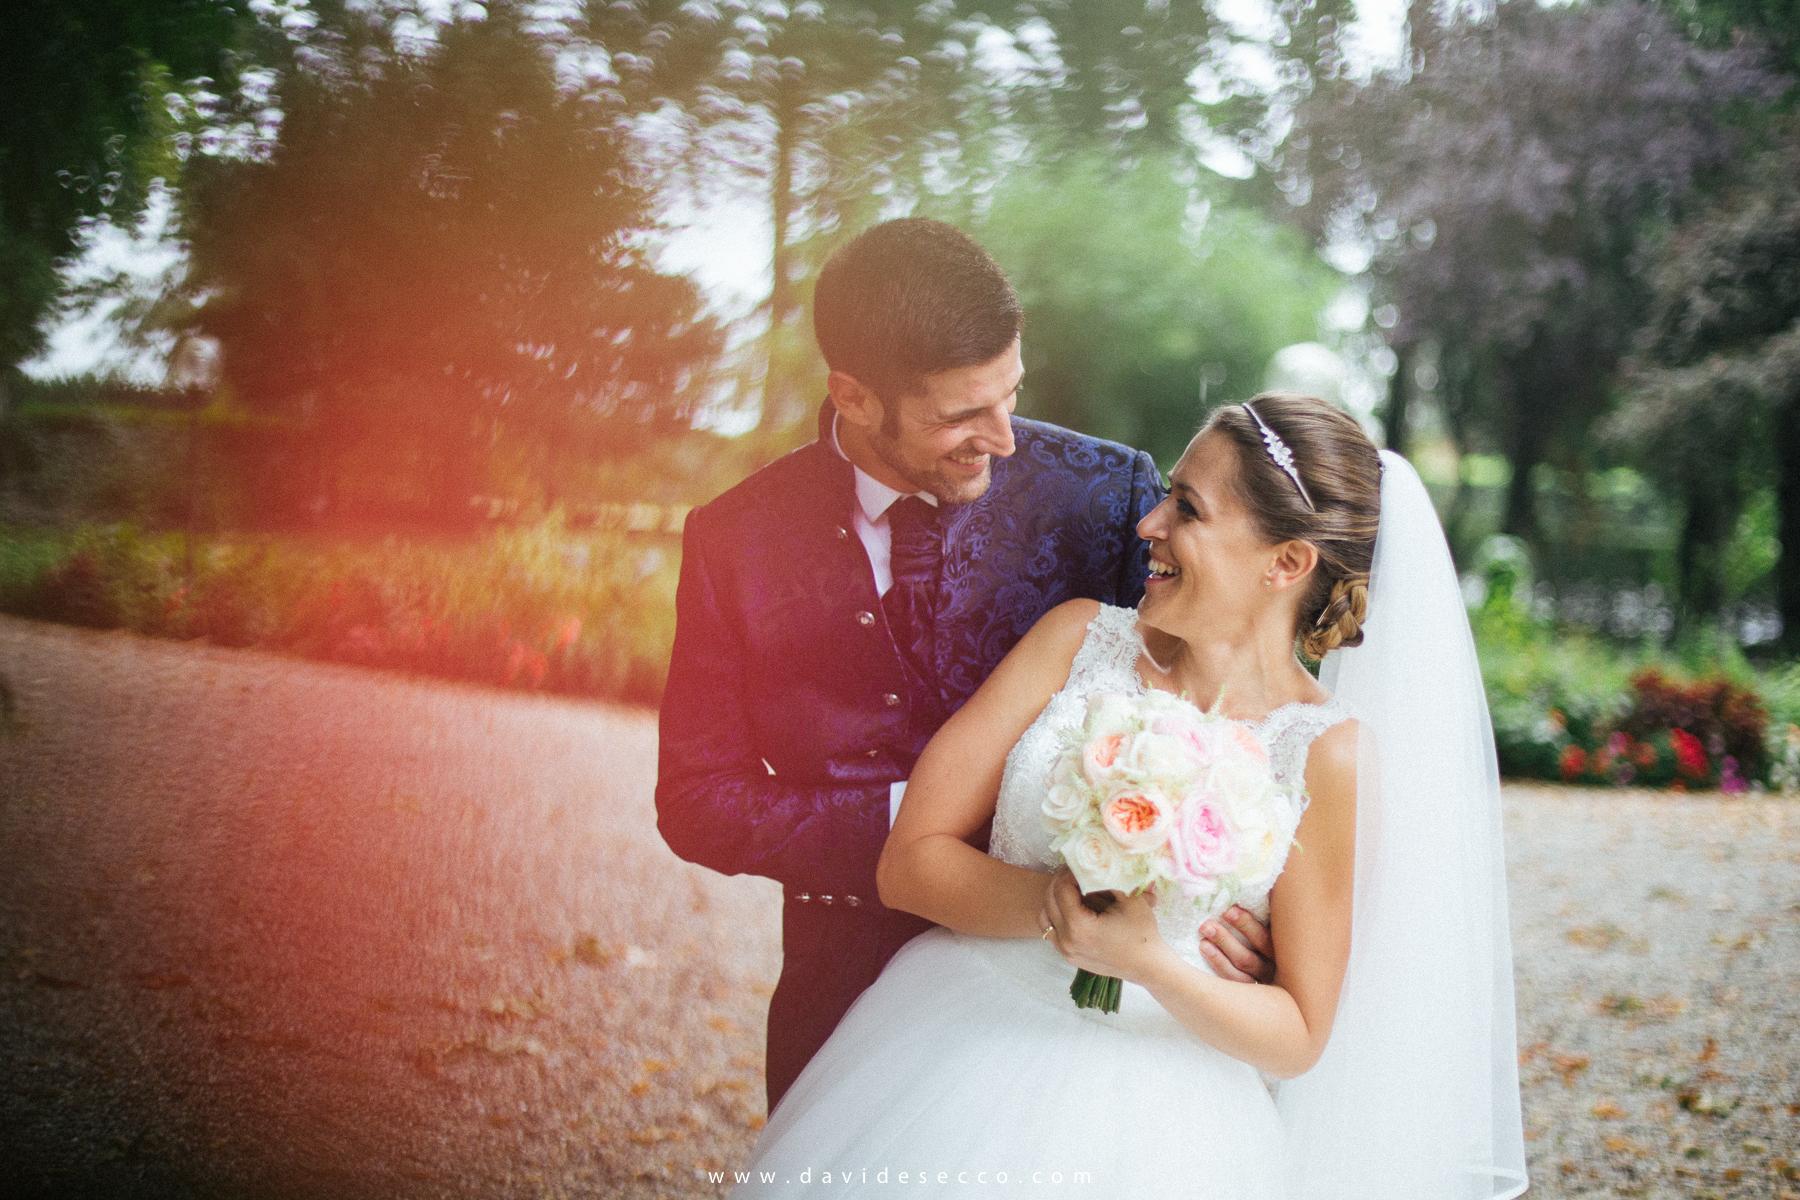 Che tu ci creda oppure no, questa foto è tratta da un matrimonio al Castello di San Gaudenzio nel quale la pioggia non ha quasi mai smesso di scendere! Roberta e Massimiliano si sono goduti in ogni caso la loro festa! Scopri leggendo l'articolo come hanno fatto!